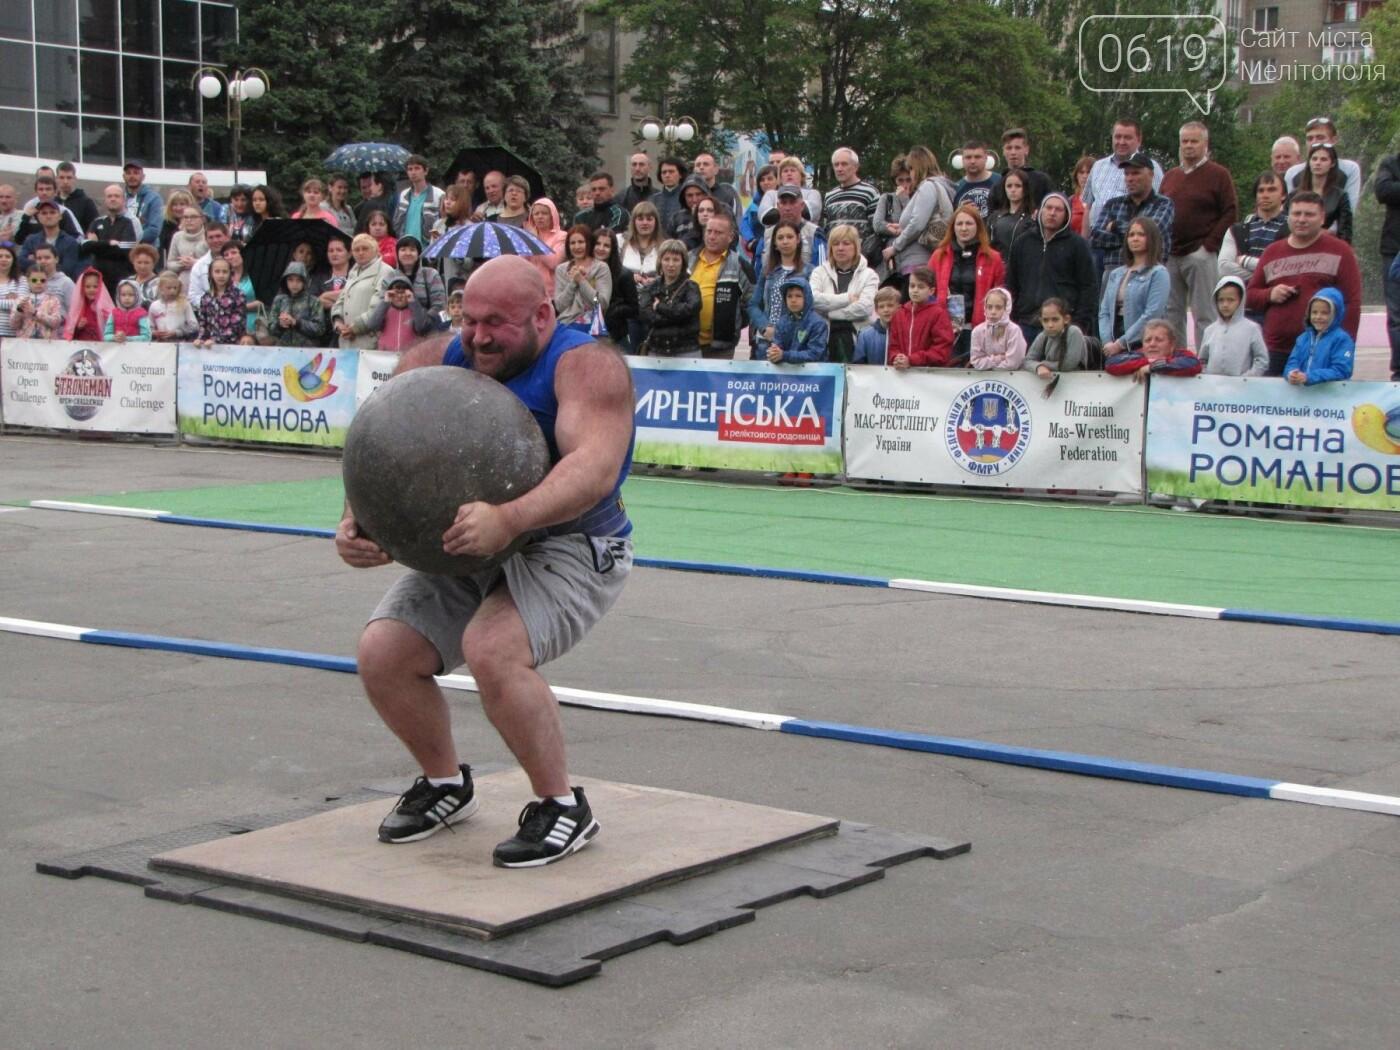 Три победы за неделю: мелитопольский богатырь выиграл второй этап международного чемпионата, фото-25